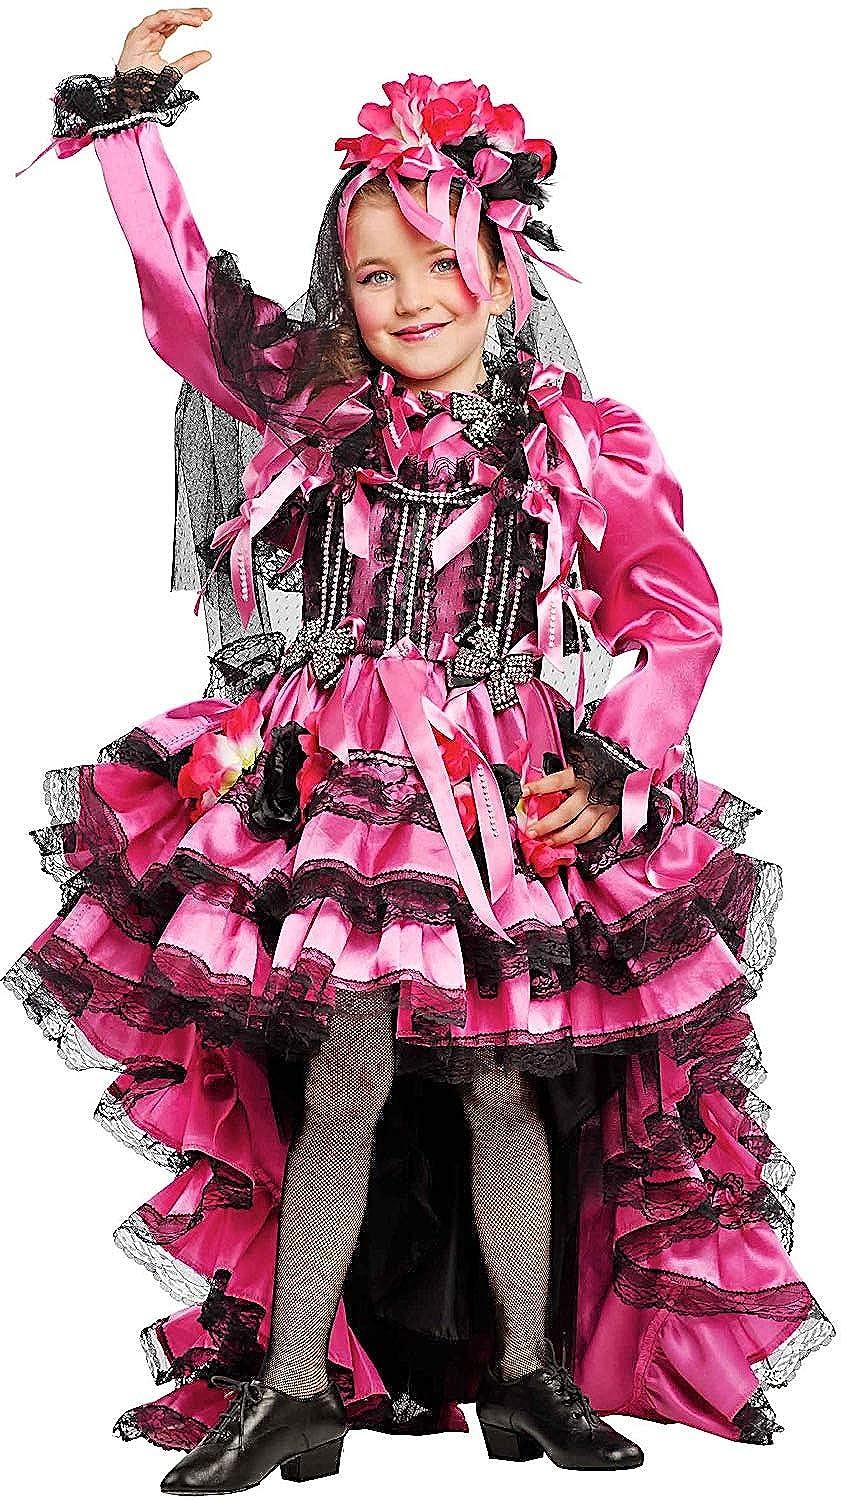 Costume di CARNEVALE da Ballerina BRASILIANA Vestito per Ragazza Bambina 7-10 Anni travestimento Veneziano Halloween Cosplay Festa Party 53204